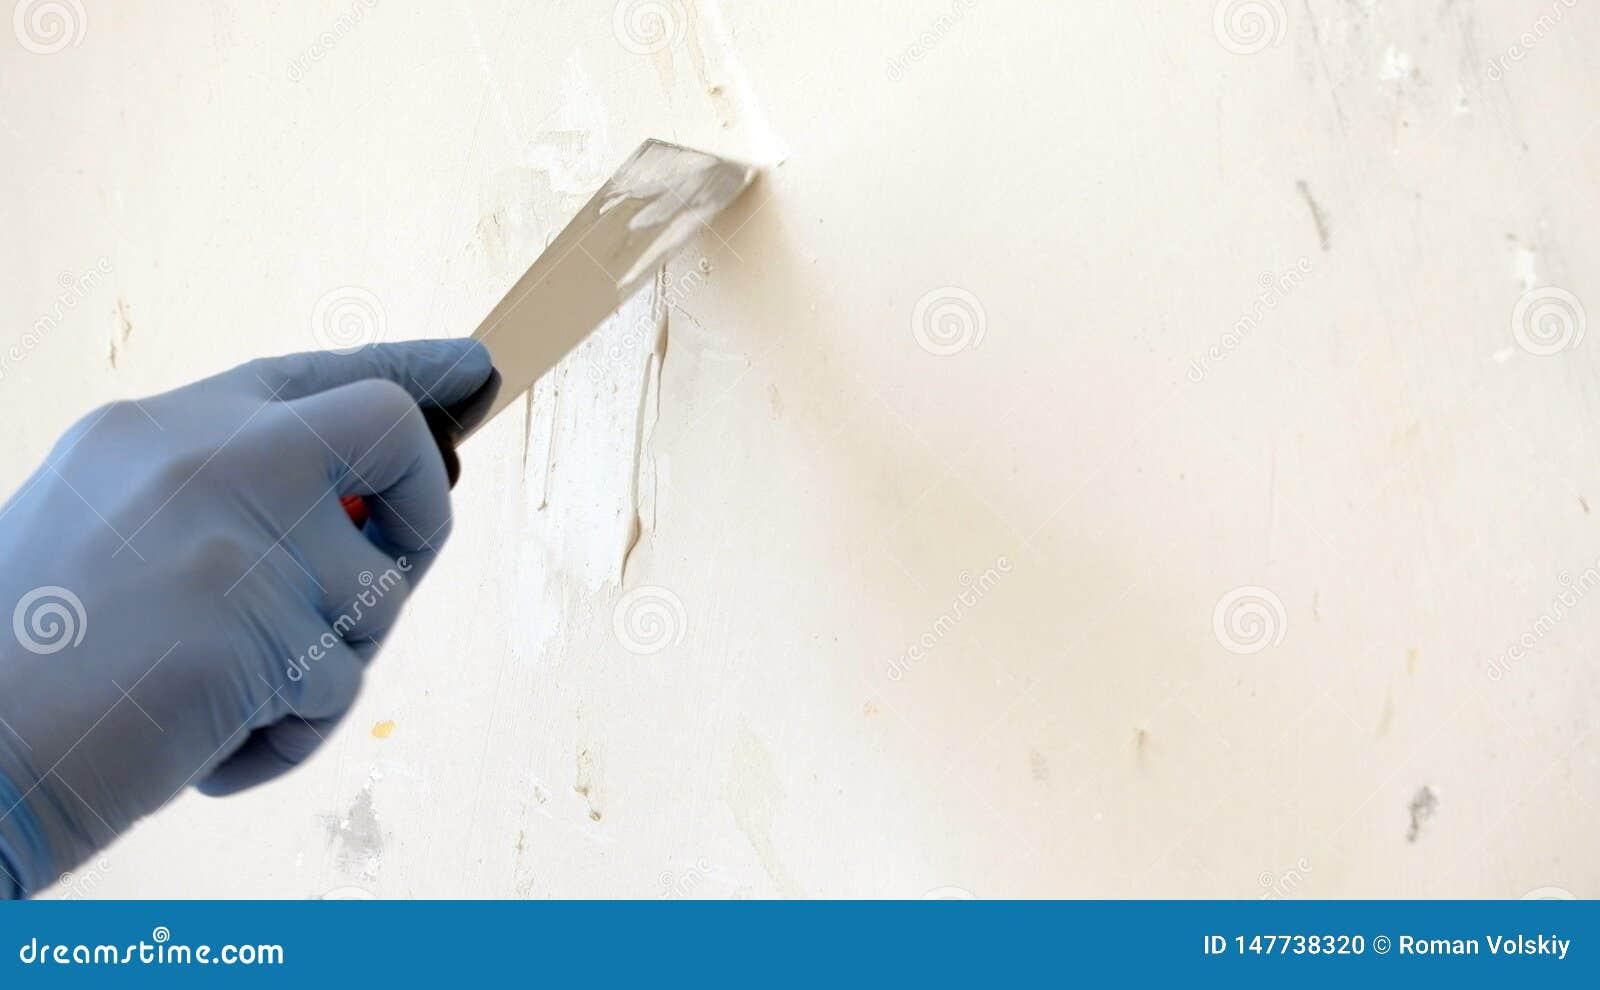 Hand i blå handske med spackelreparationsväggen, processen av att applicera ett lager av spackel, avslutande arbete för reparatio